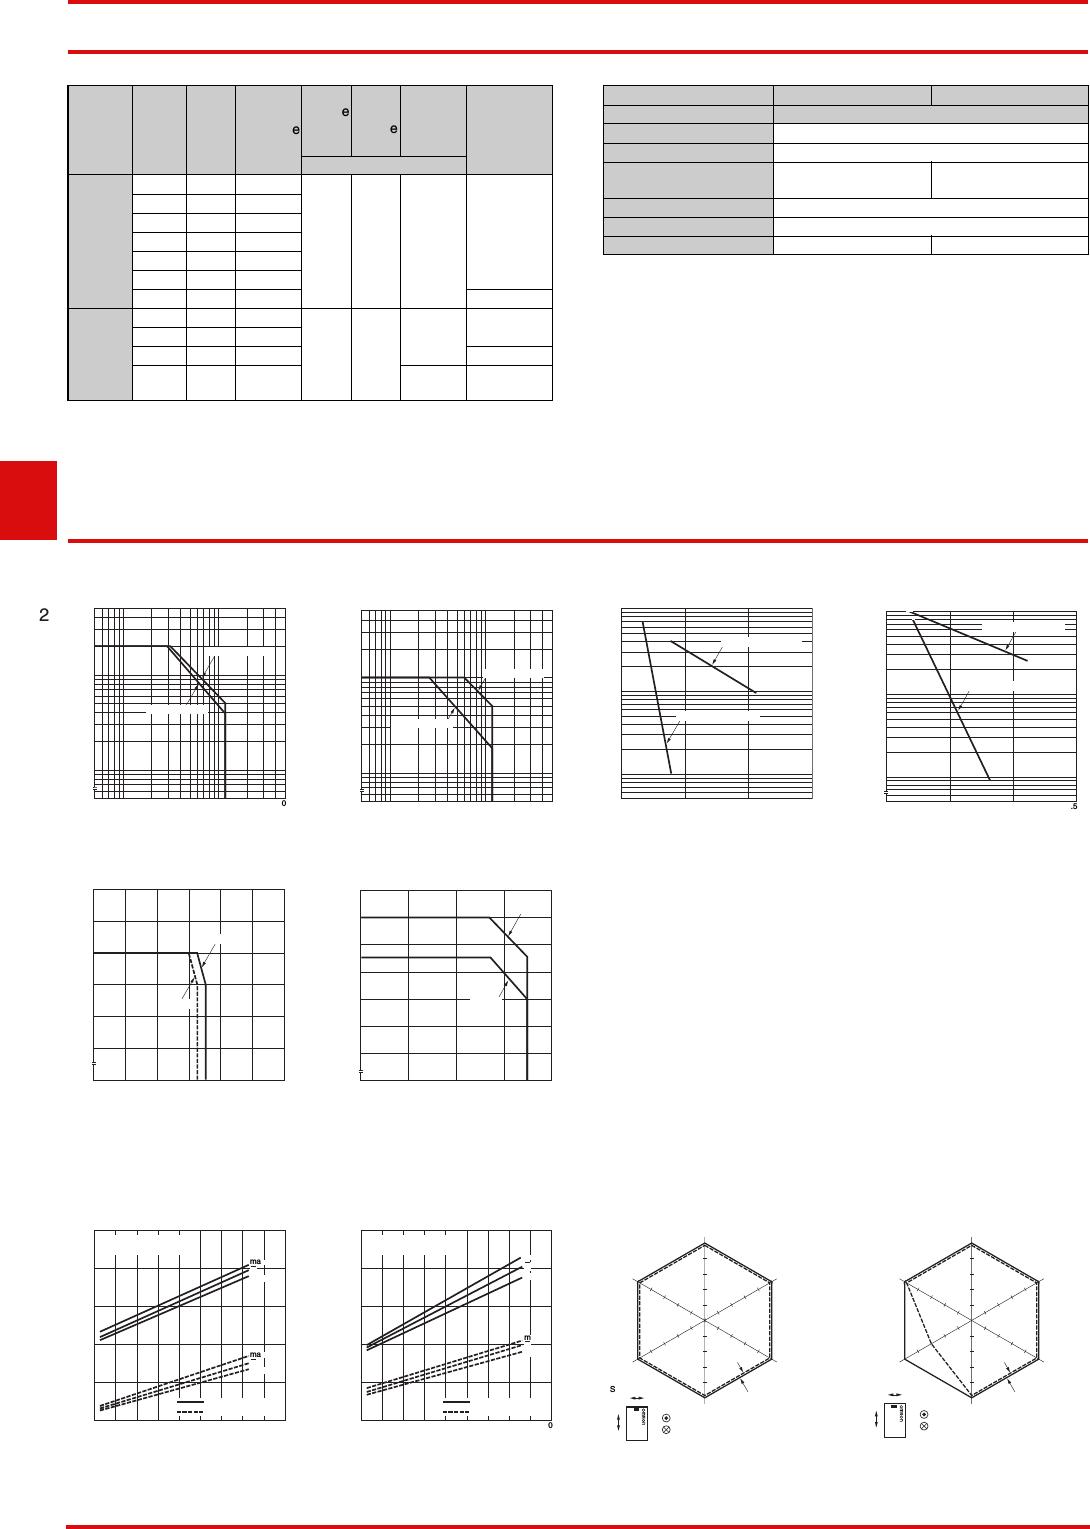 G5v 2 Series Datasheet